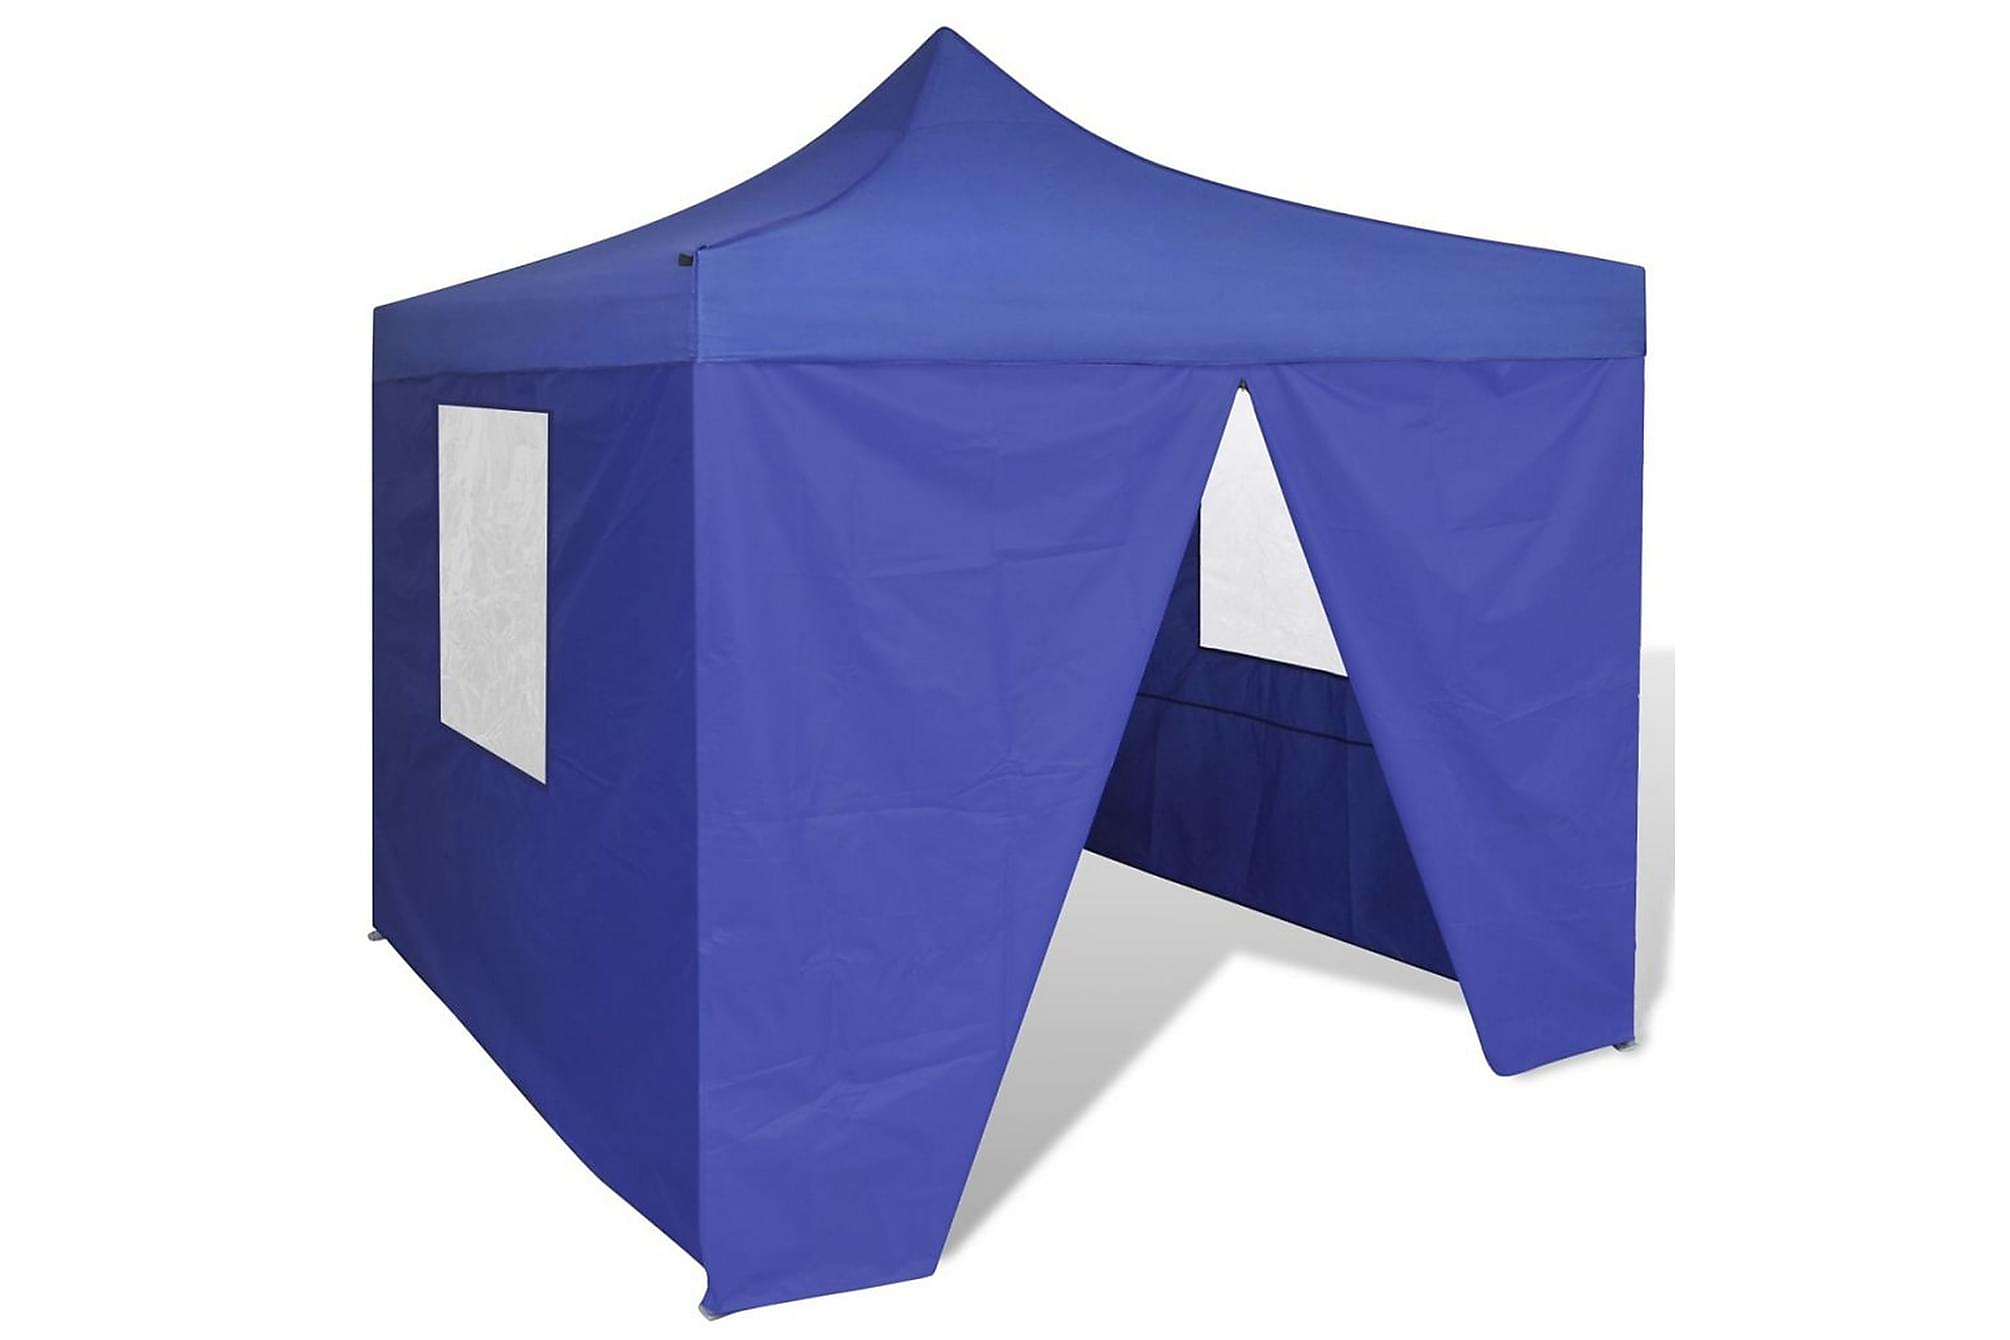 Blått hopfällbart tält 3 x 3 m med 4 väggar, Partytält